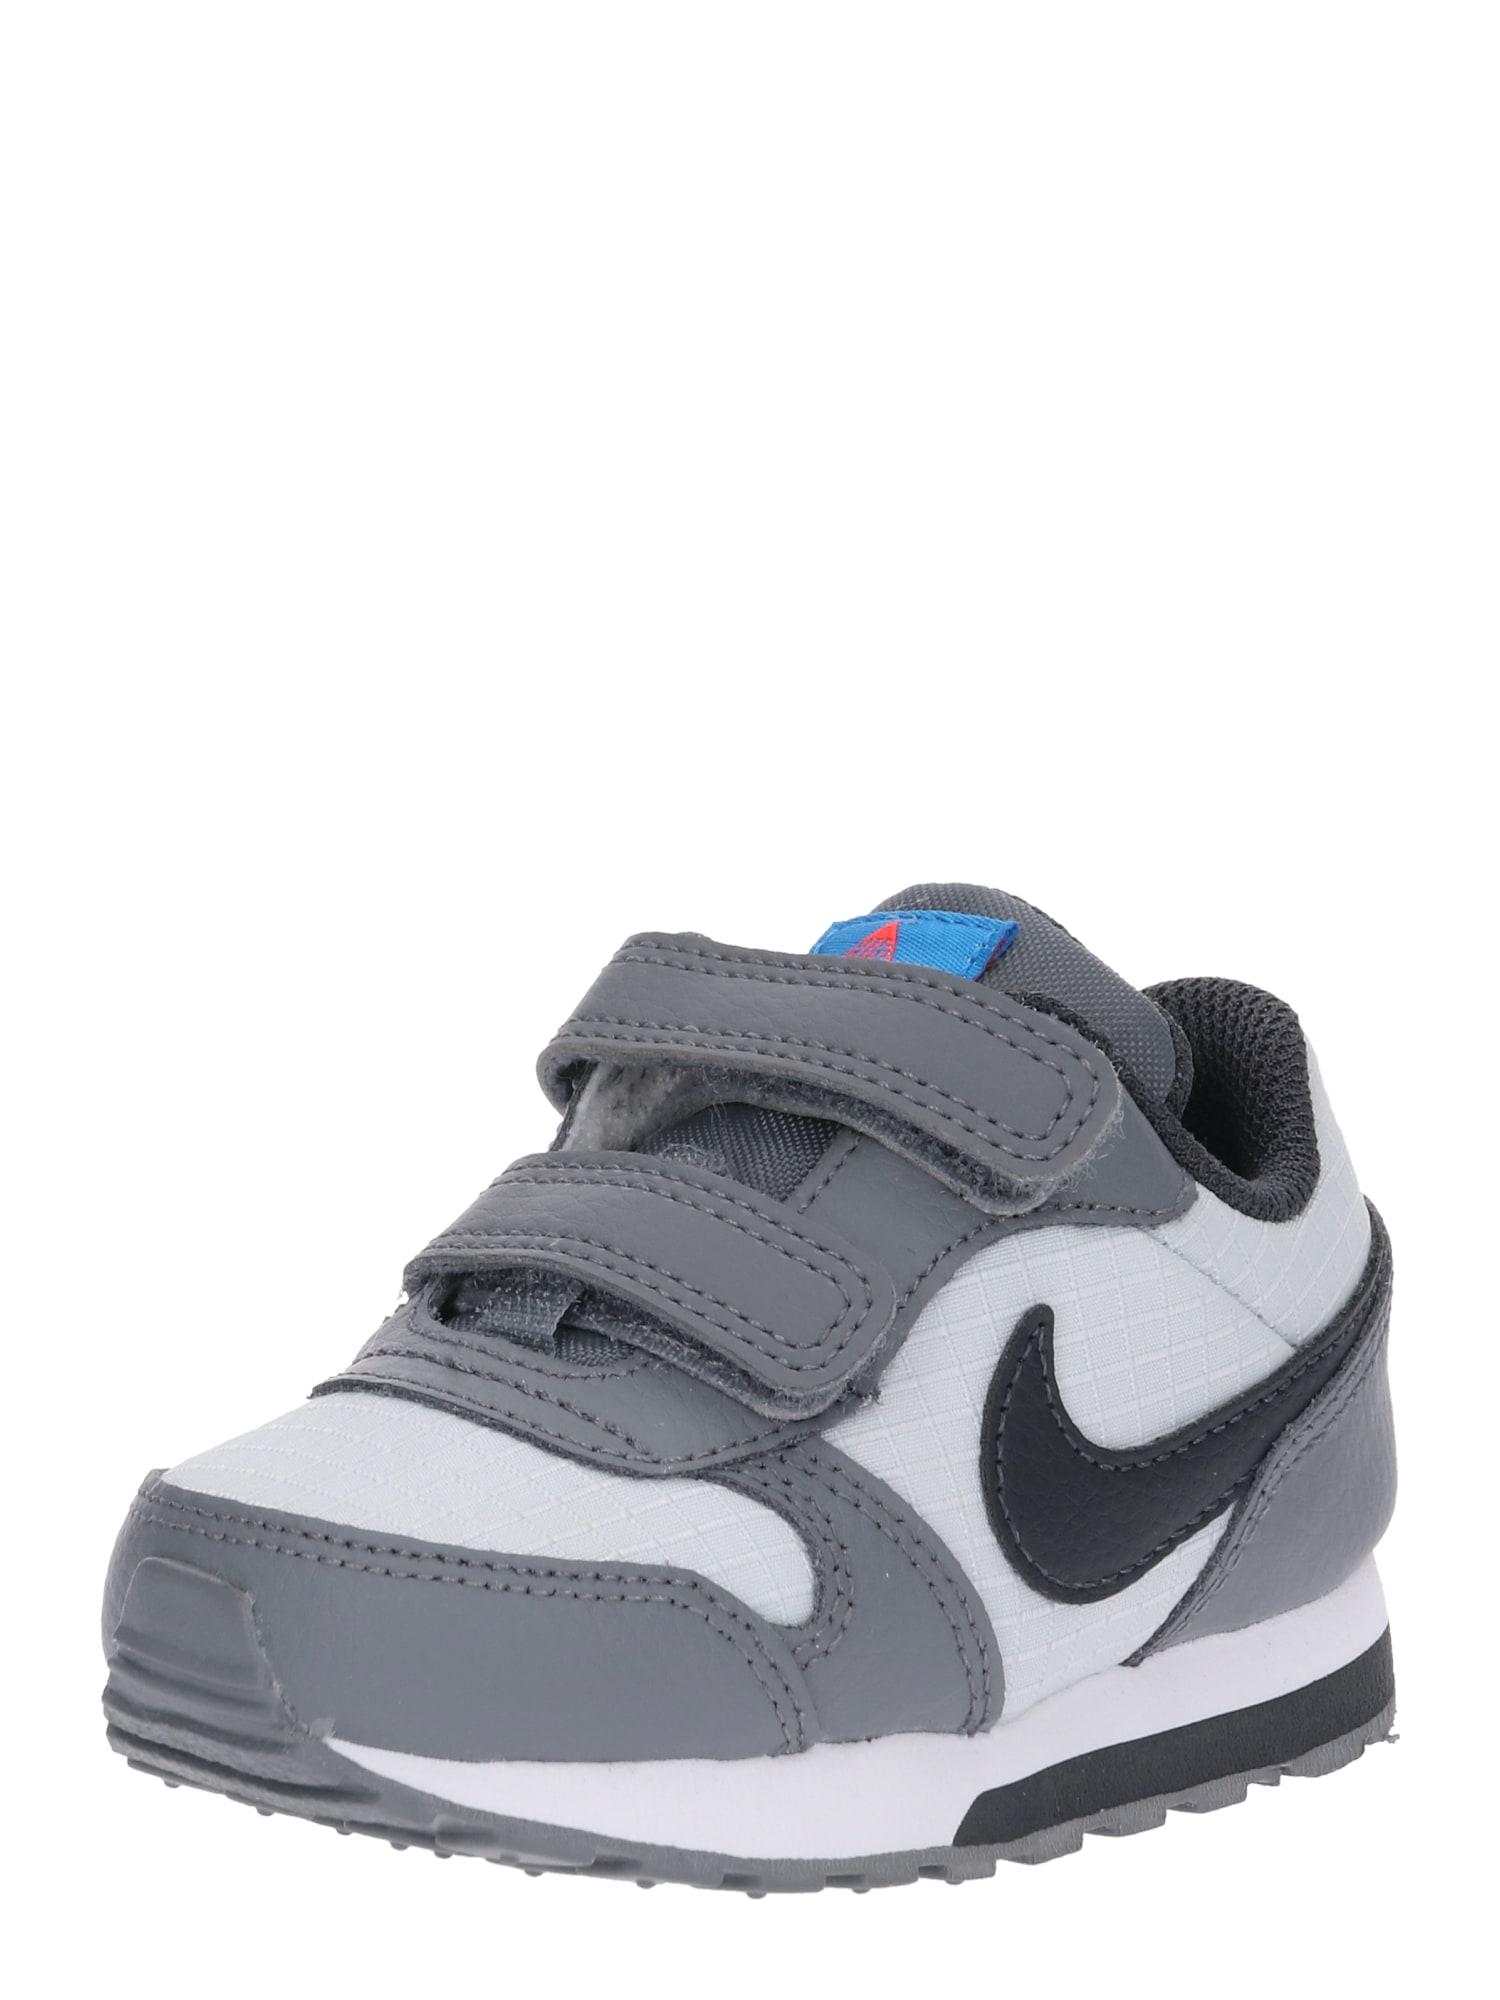 Sneaker 'MD Runner 2 (TD)'